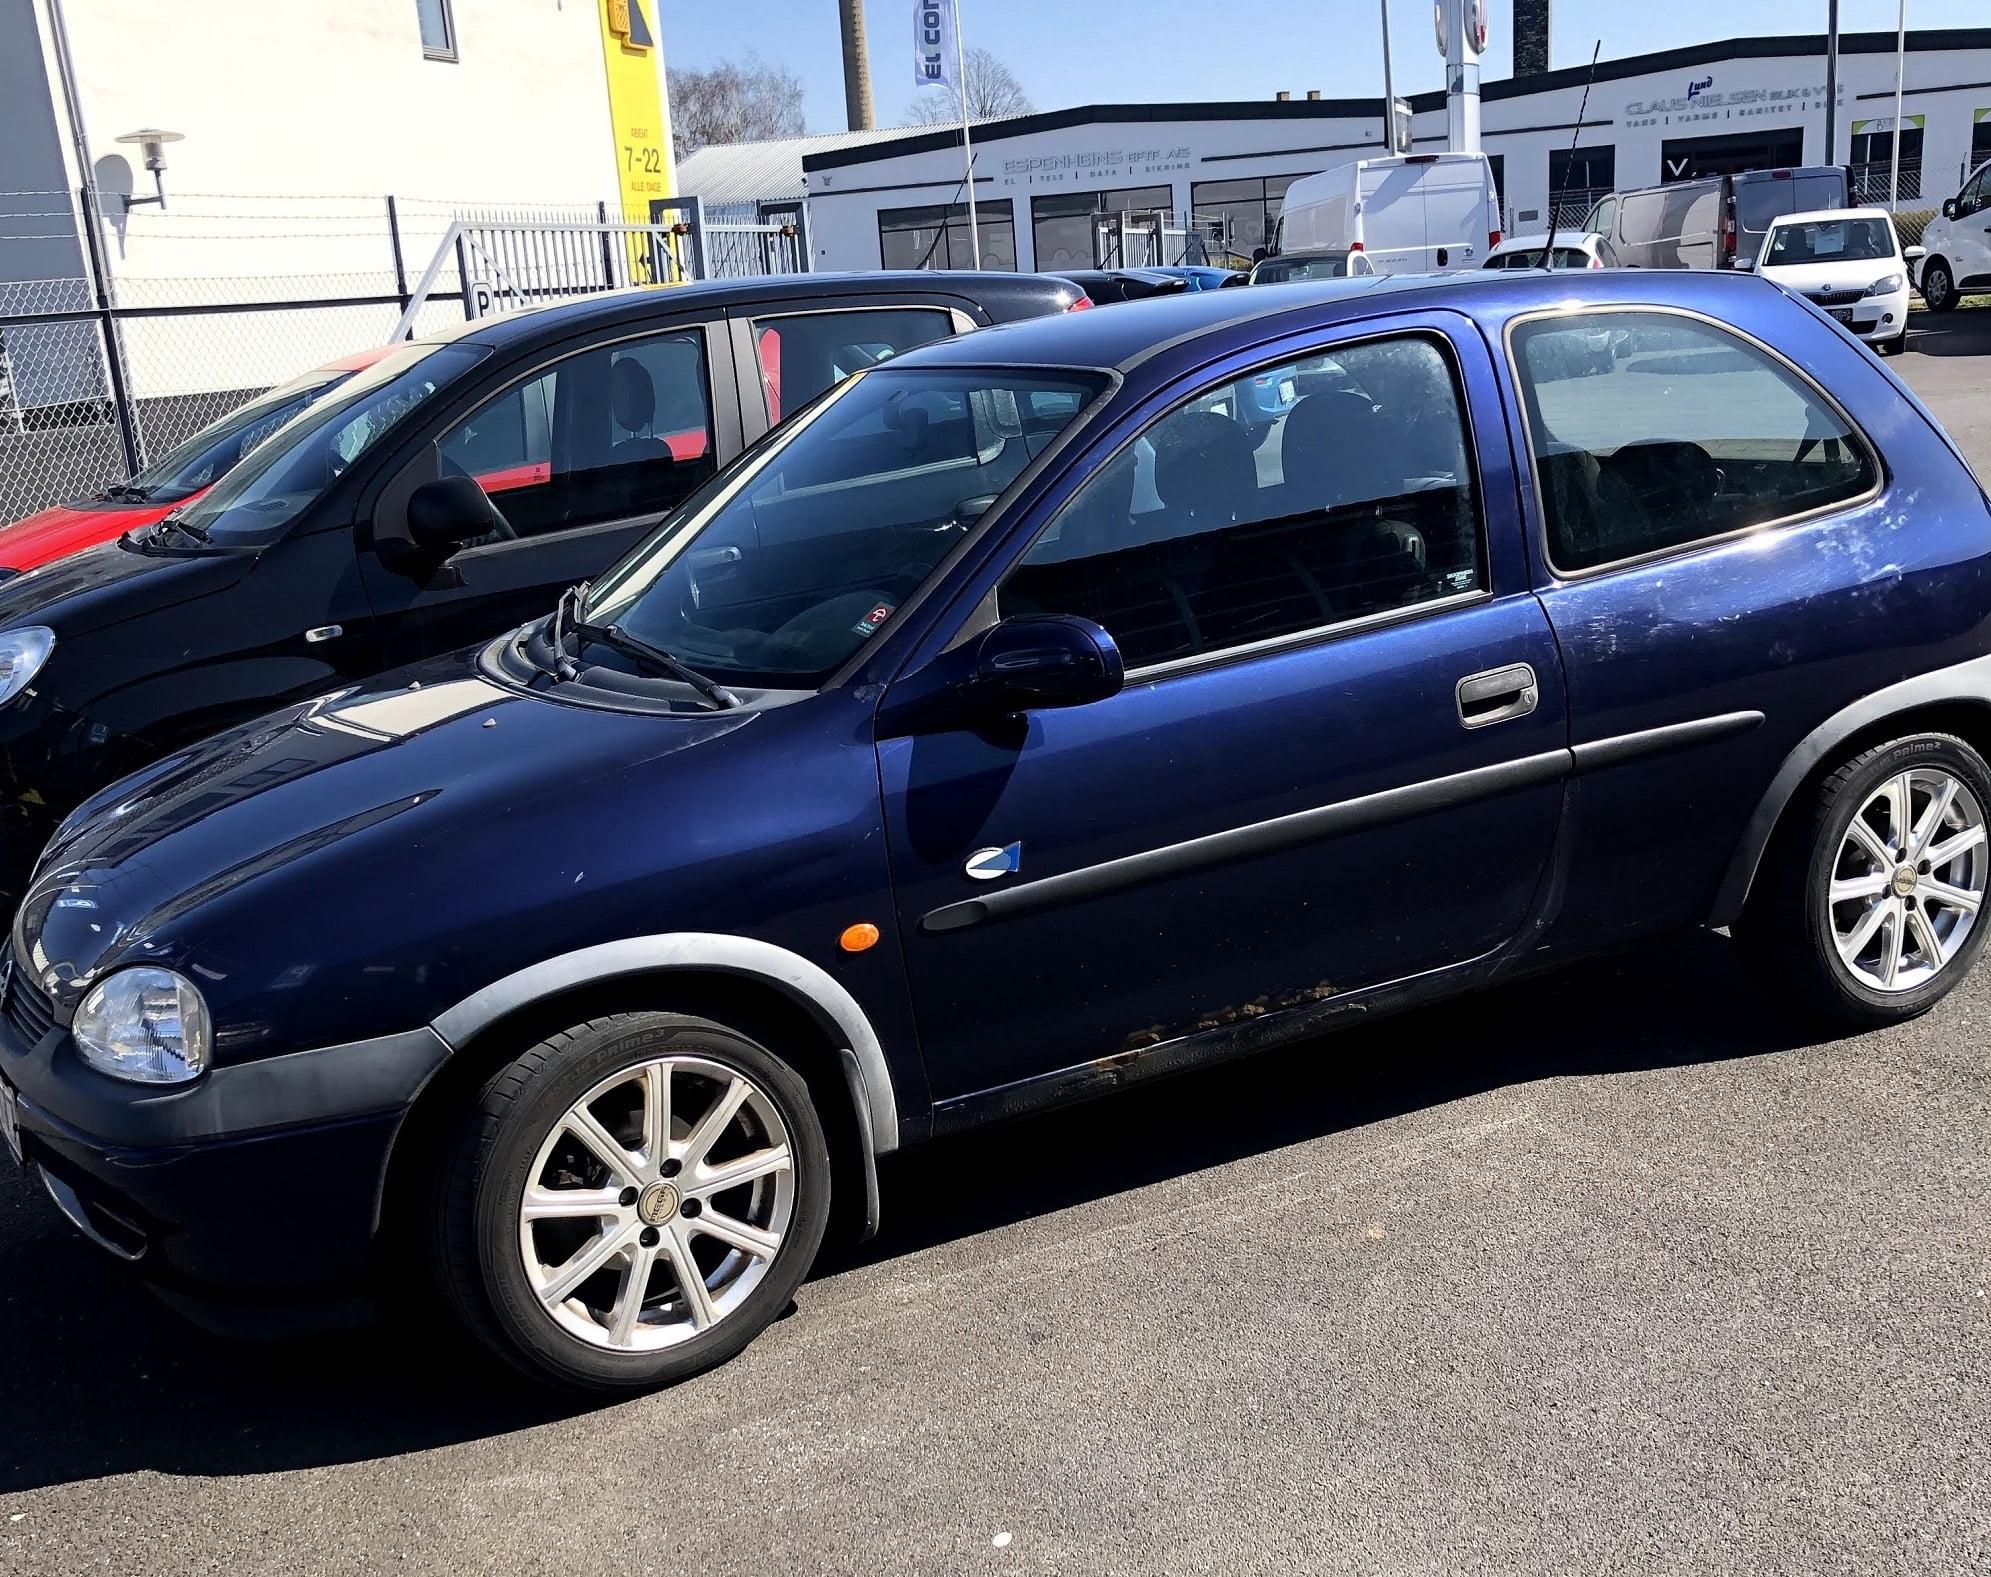 Lines første bil: Opel Corsa fra 2000